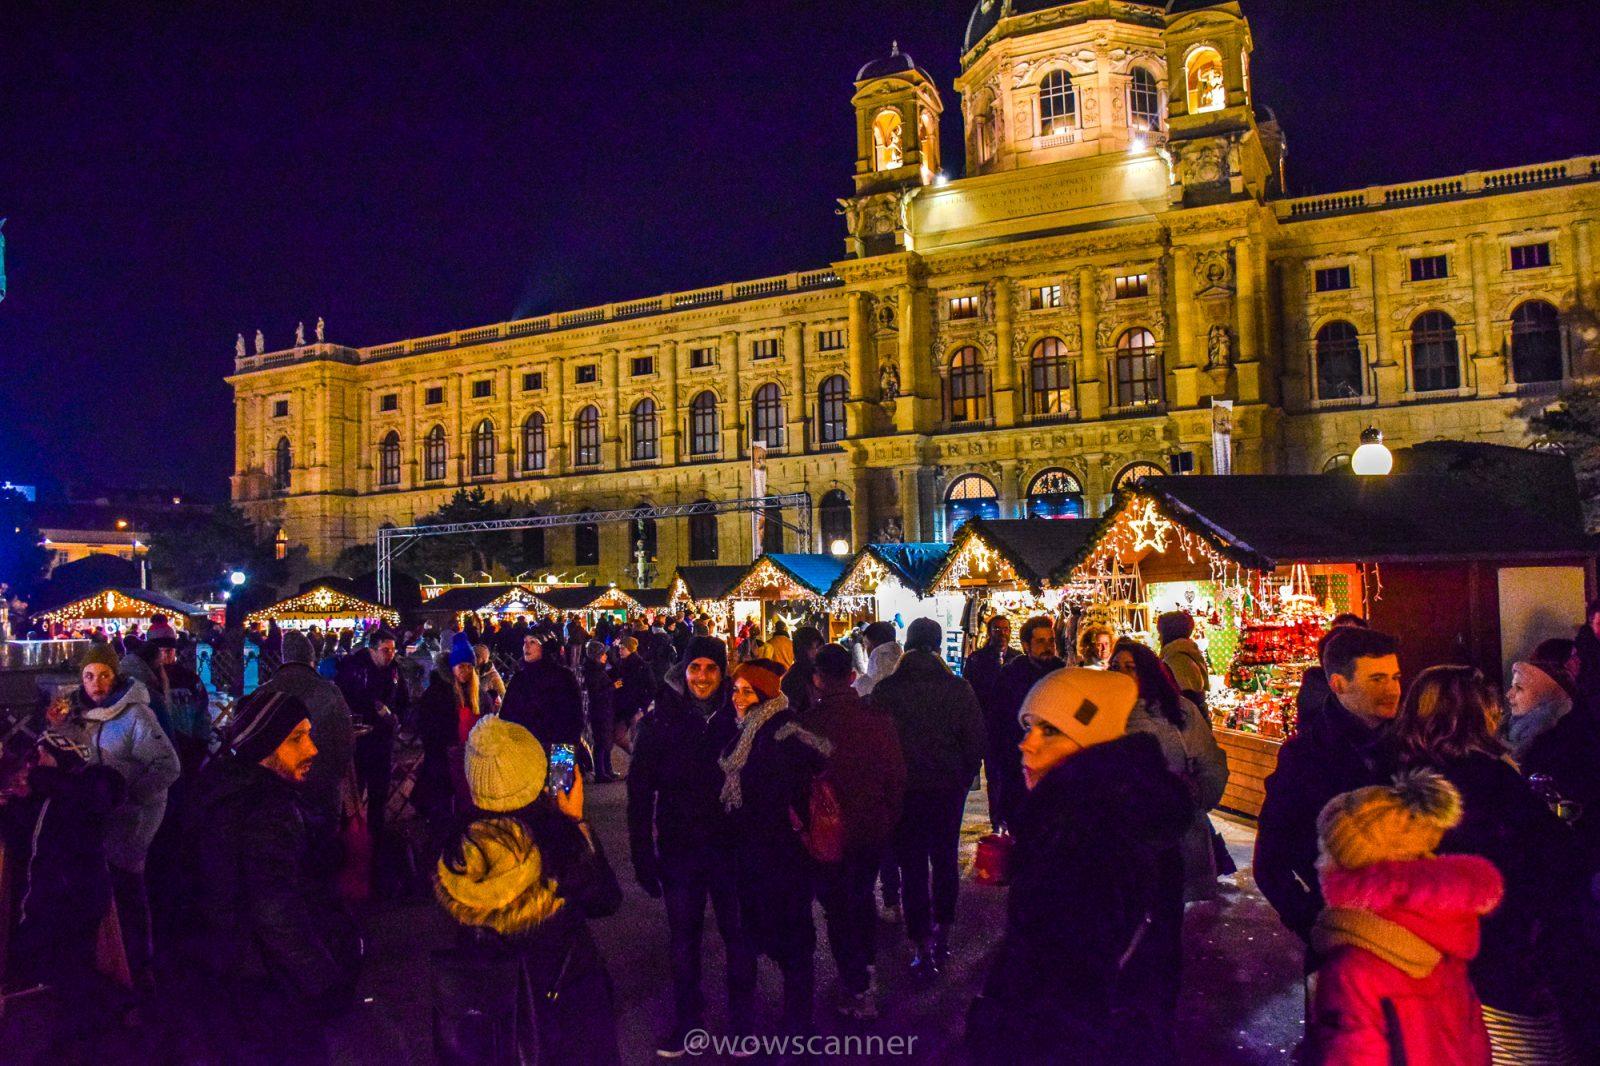 Рождественская, Новогодняя Ярмарка Вены на Площади Марии Терезии - Maria Theresien-Platz (Марии Терезиен Плац).